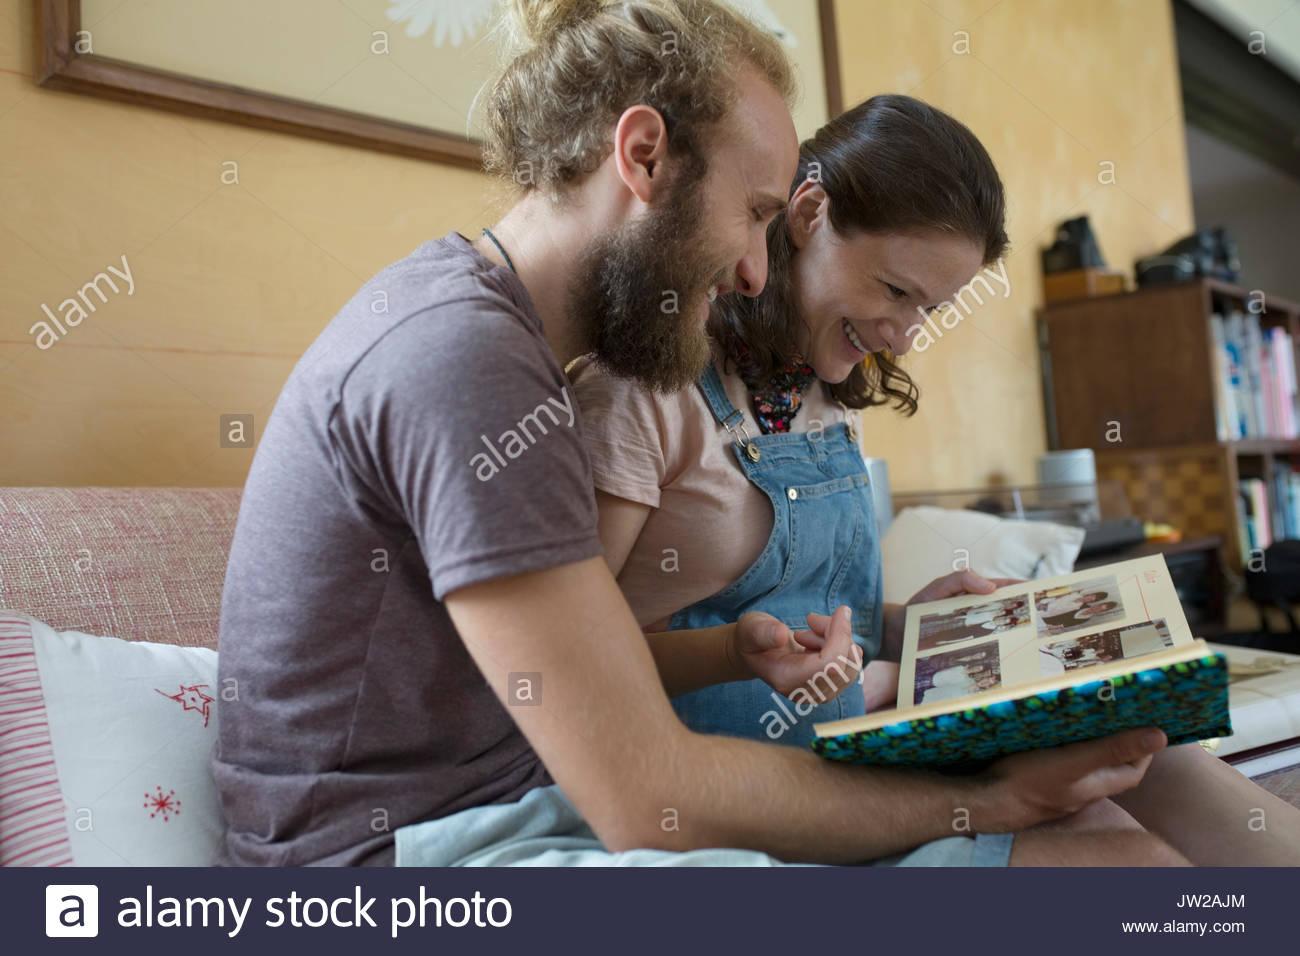 Couple à la recherche d'album en album photo sur salon canapé Photo Stock